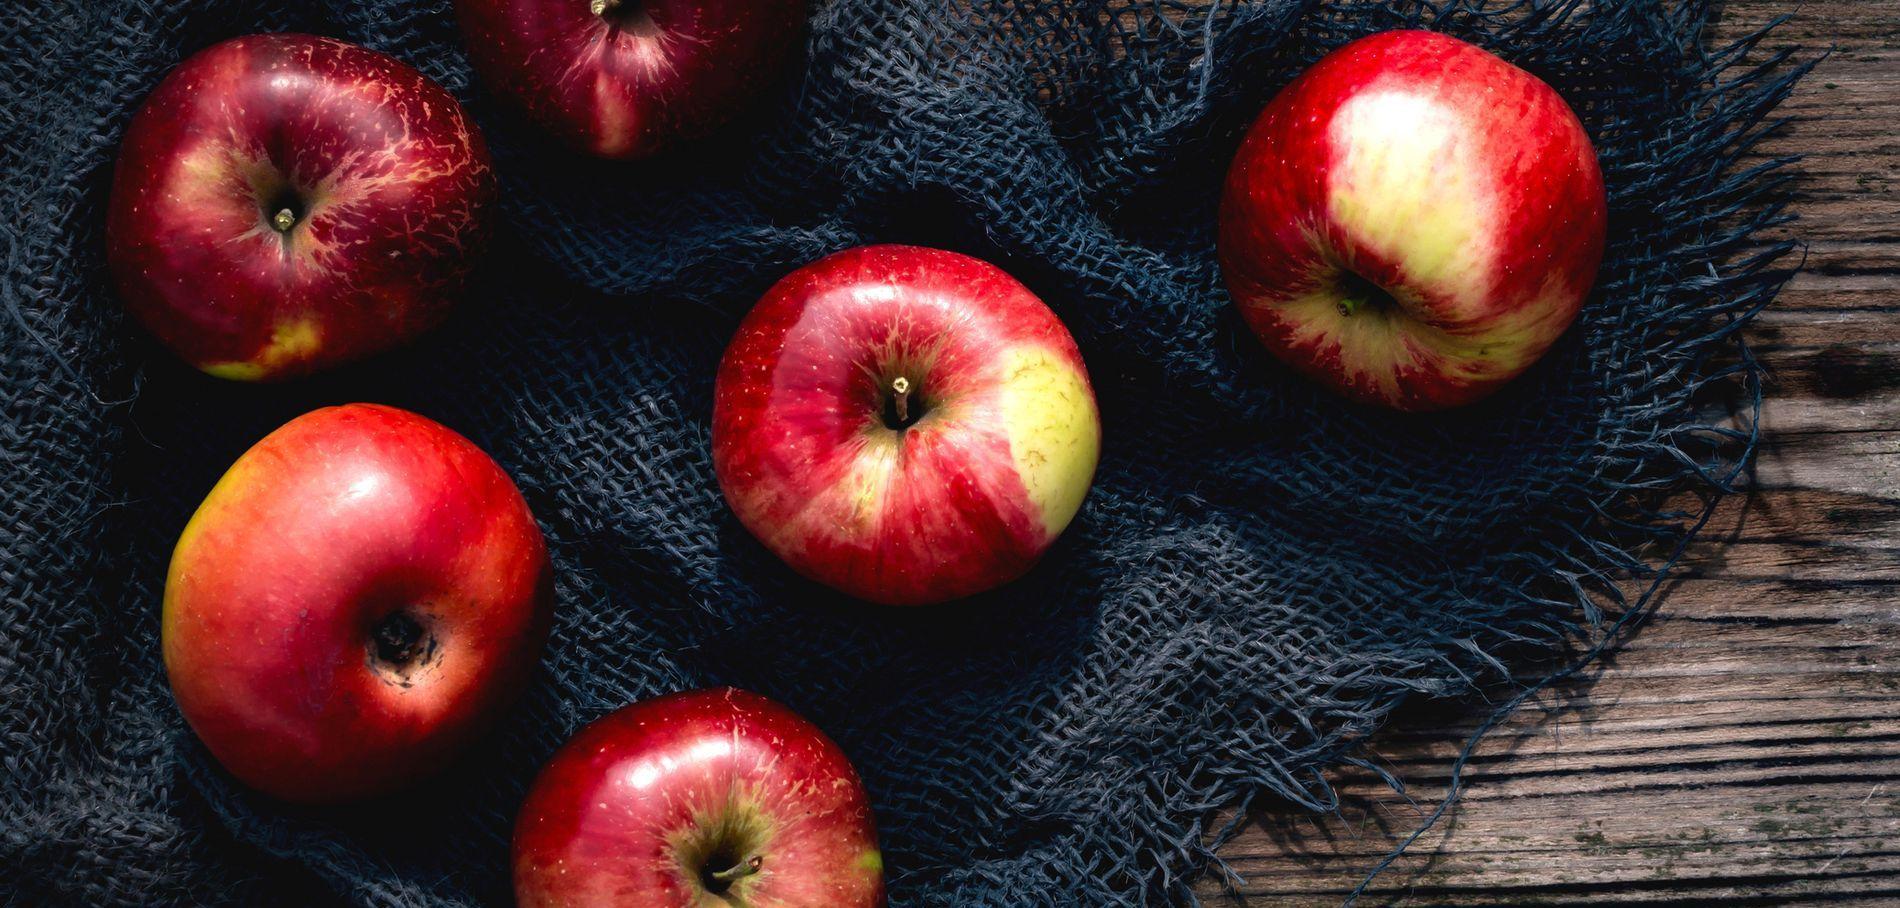 Quels aliments de saison pour ma cure detox d automne exact1900x908 l